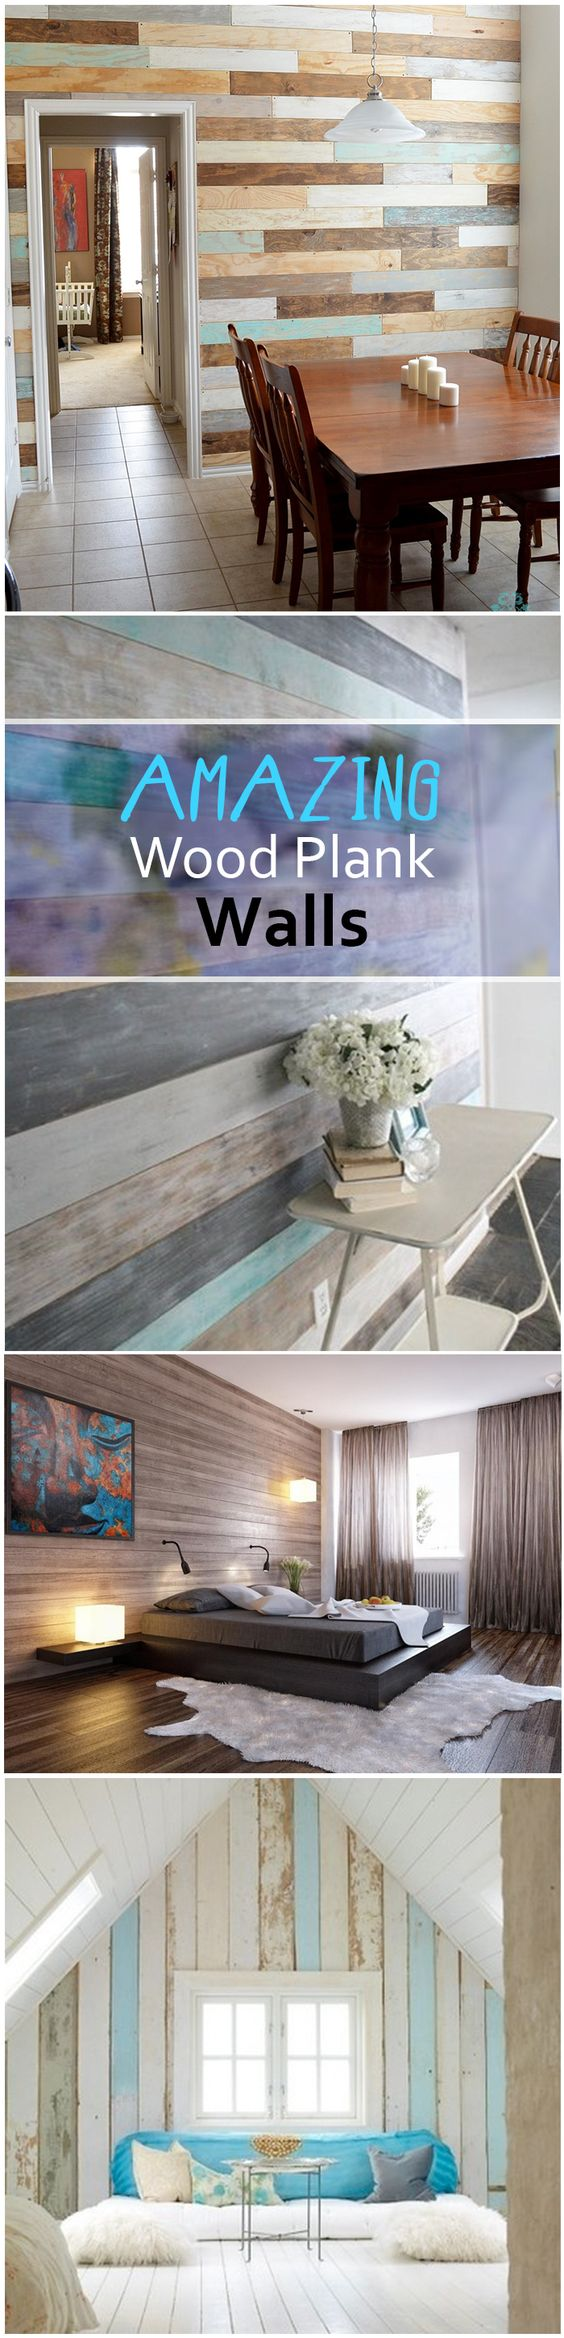 Interioare cu lambriu de lemn wood panel design ideas 9